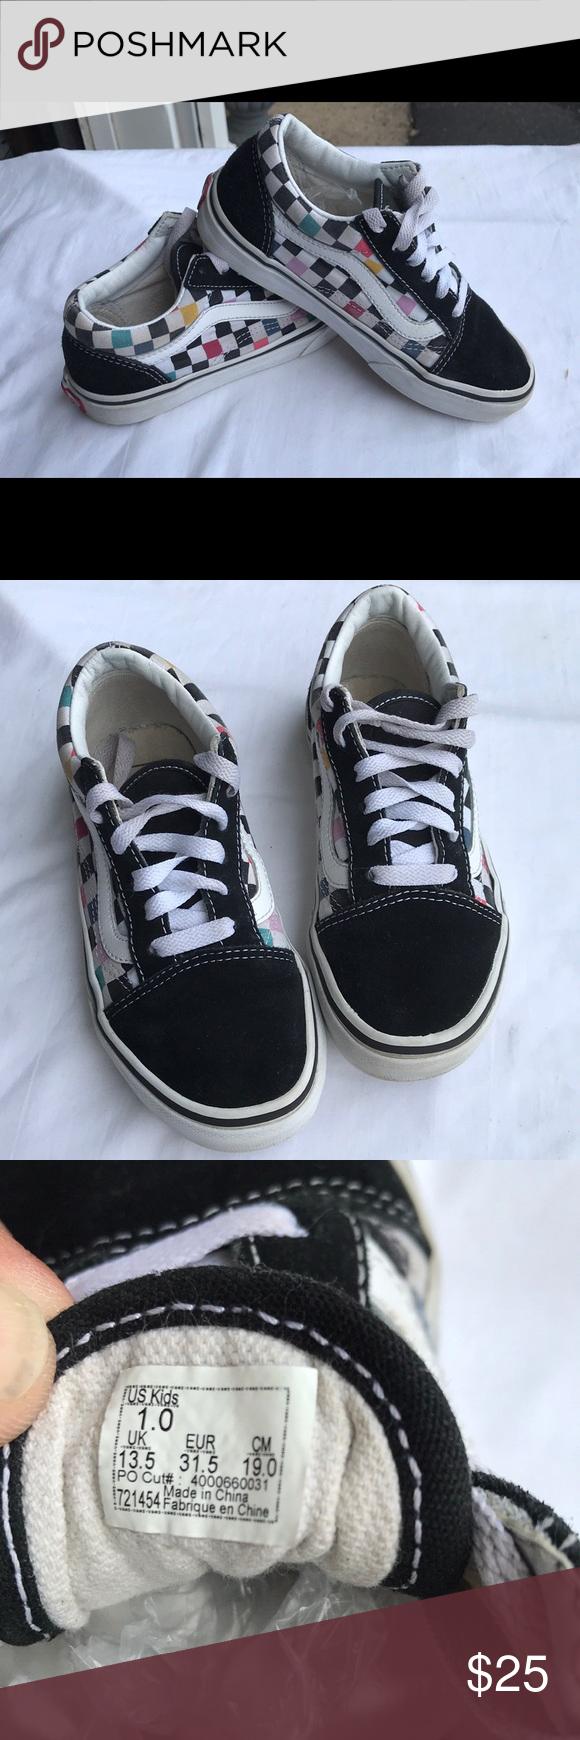 Youth Checker \u0026 Black Vans Sneakers